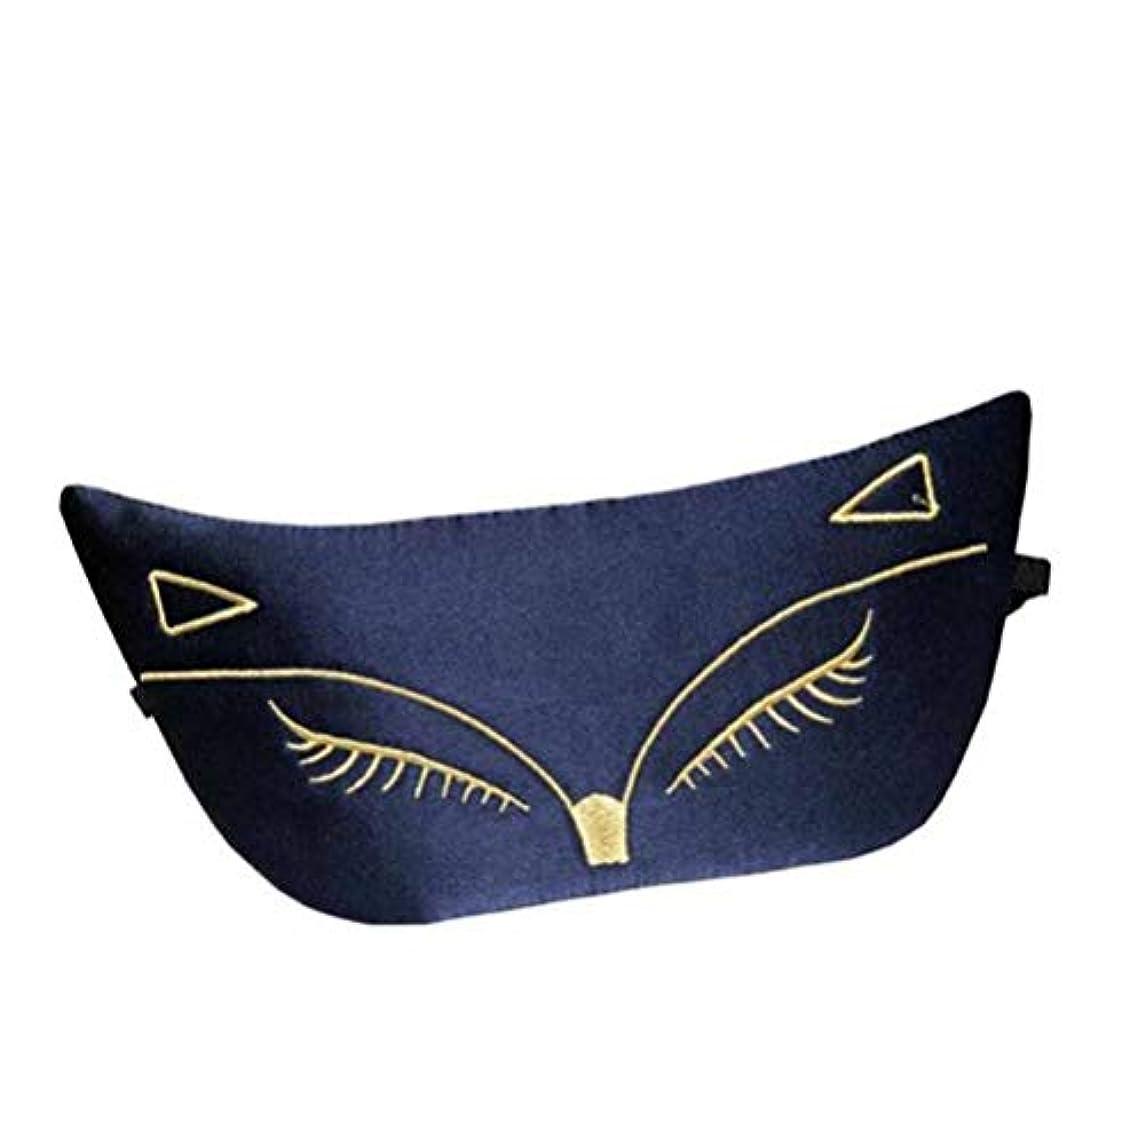 日器官無数のSUPVOX シルクスリープアイマスクサンシェードカバー刺繍キツネパターンアイパッチ女性用快適(ダークブルー)